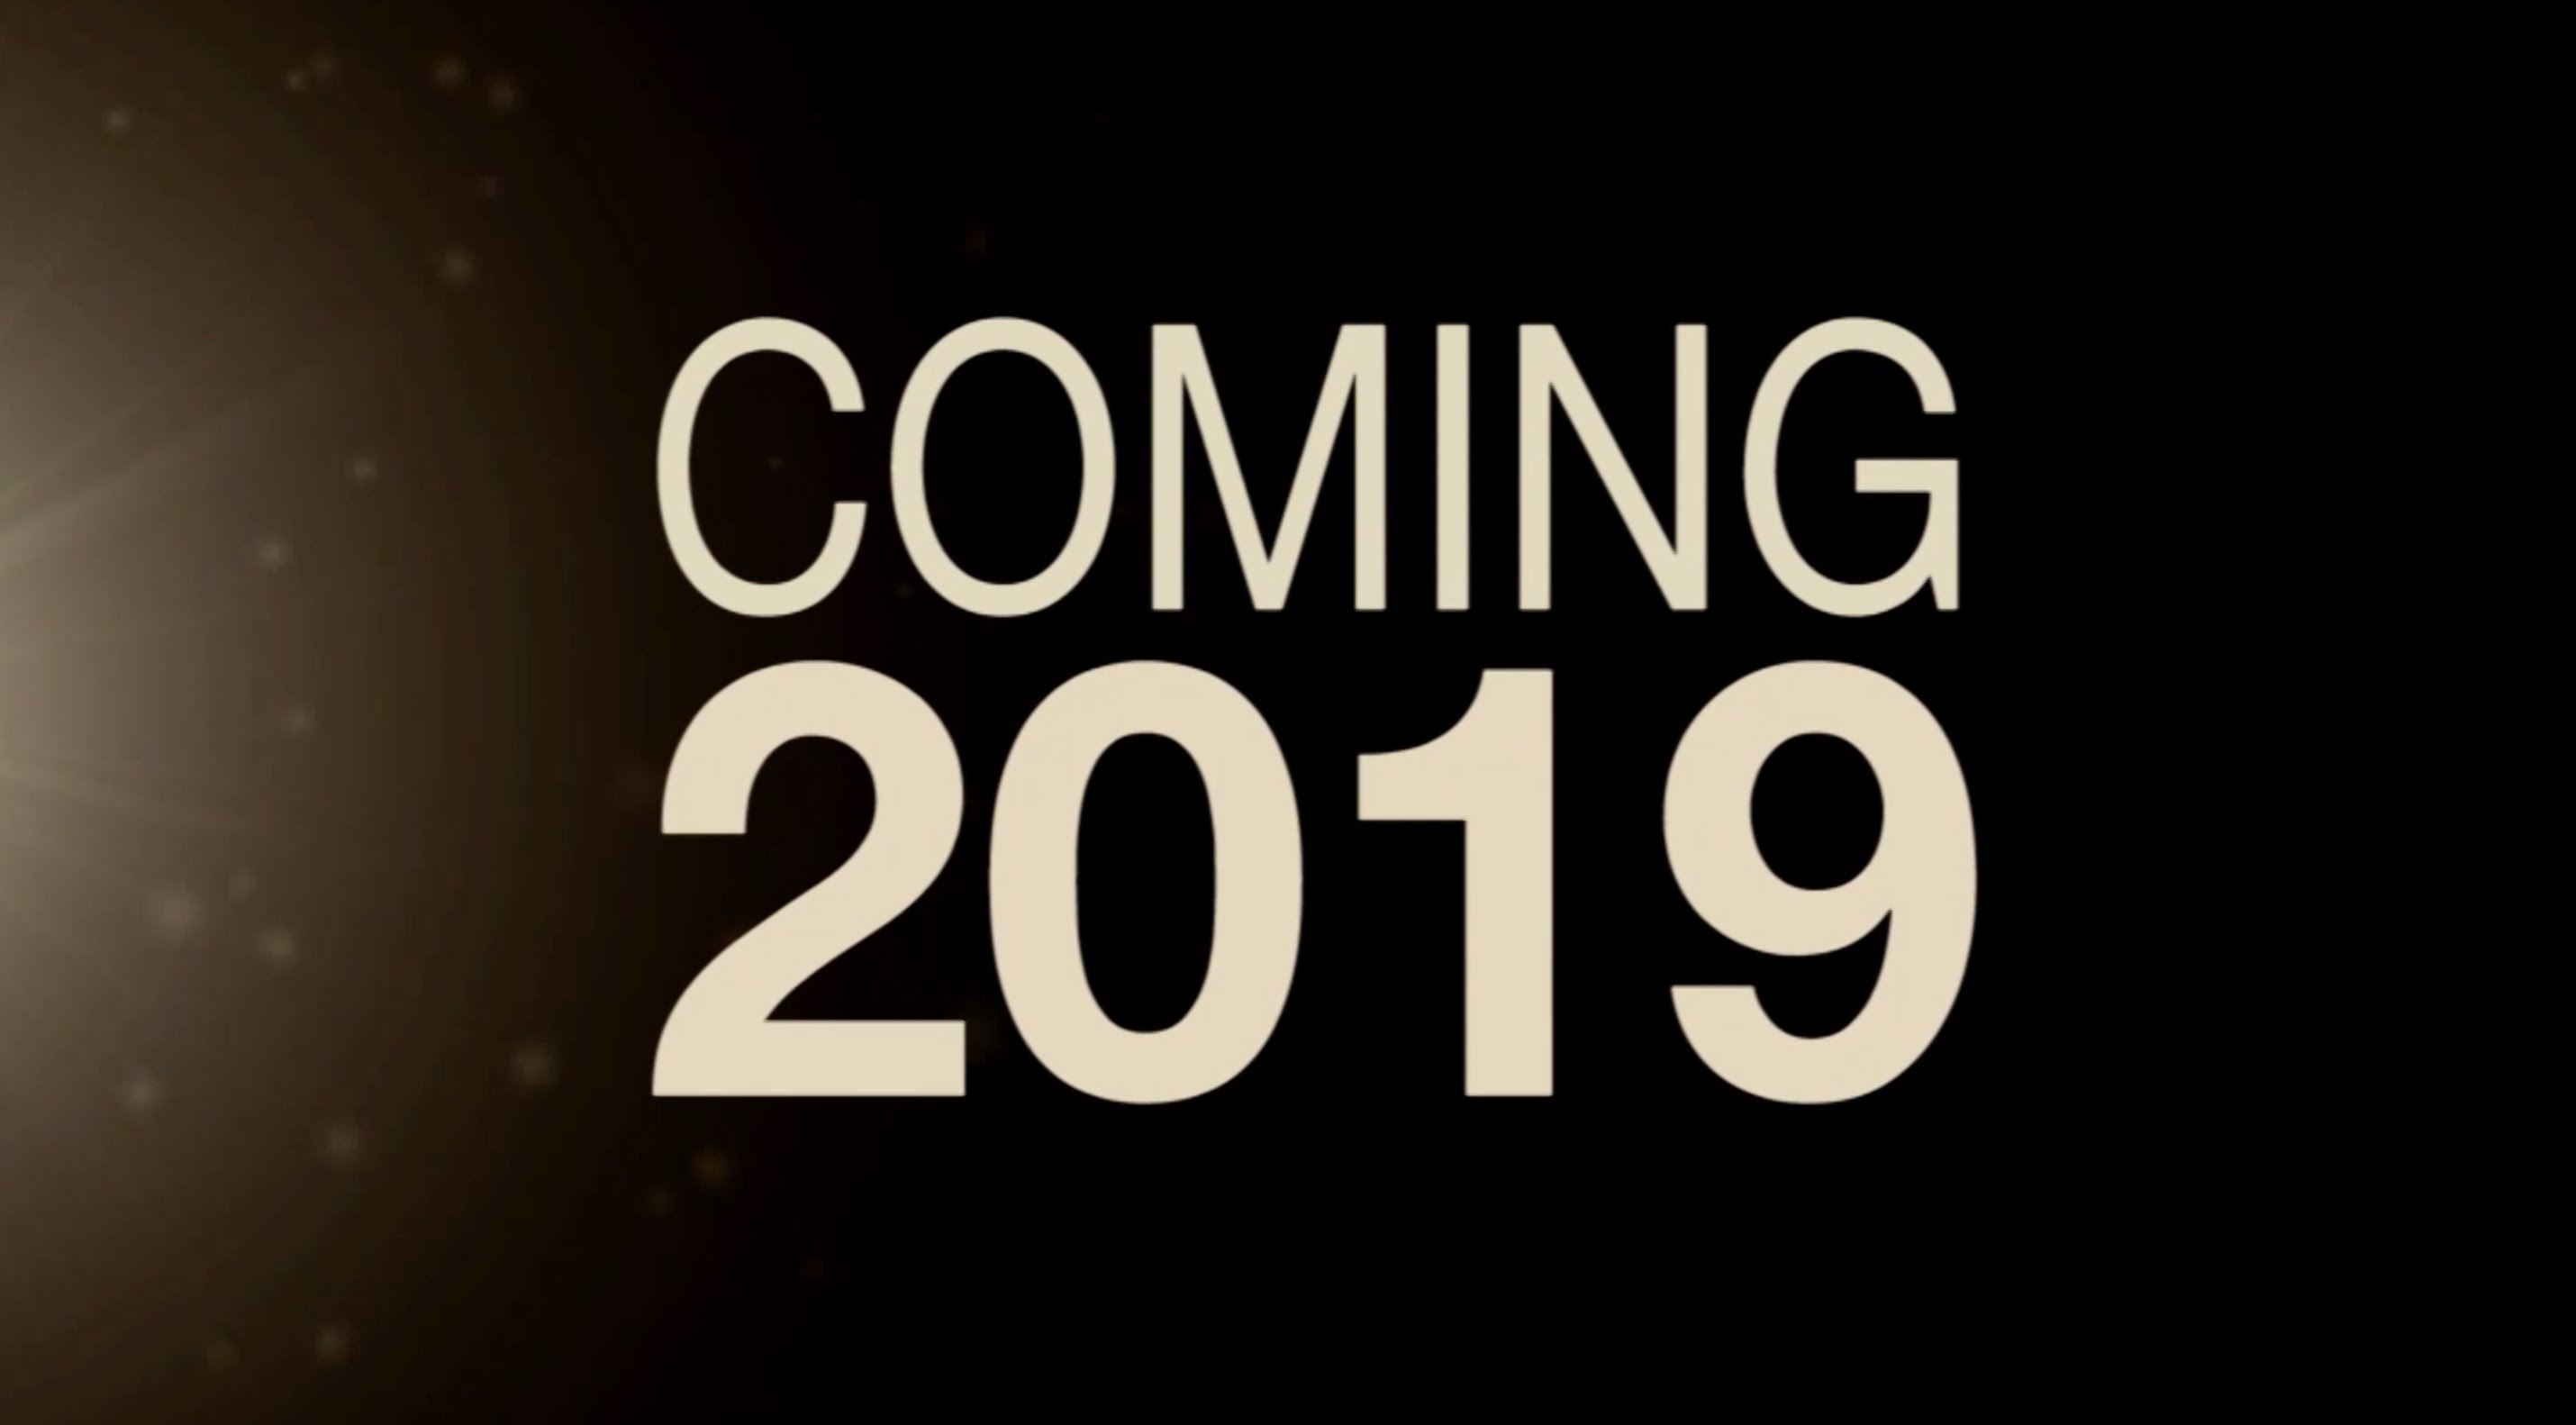 2019 Feis Syllabus and Calendar